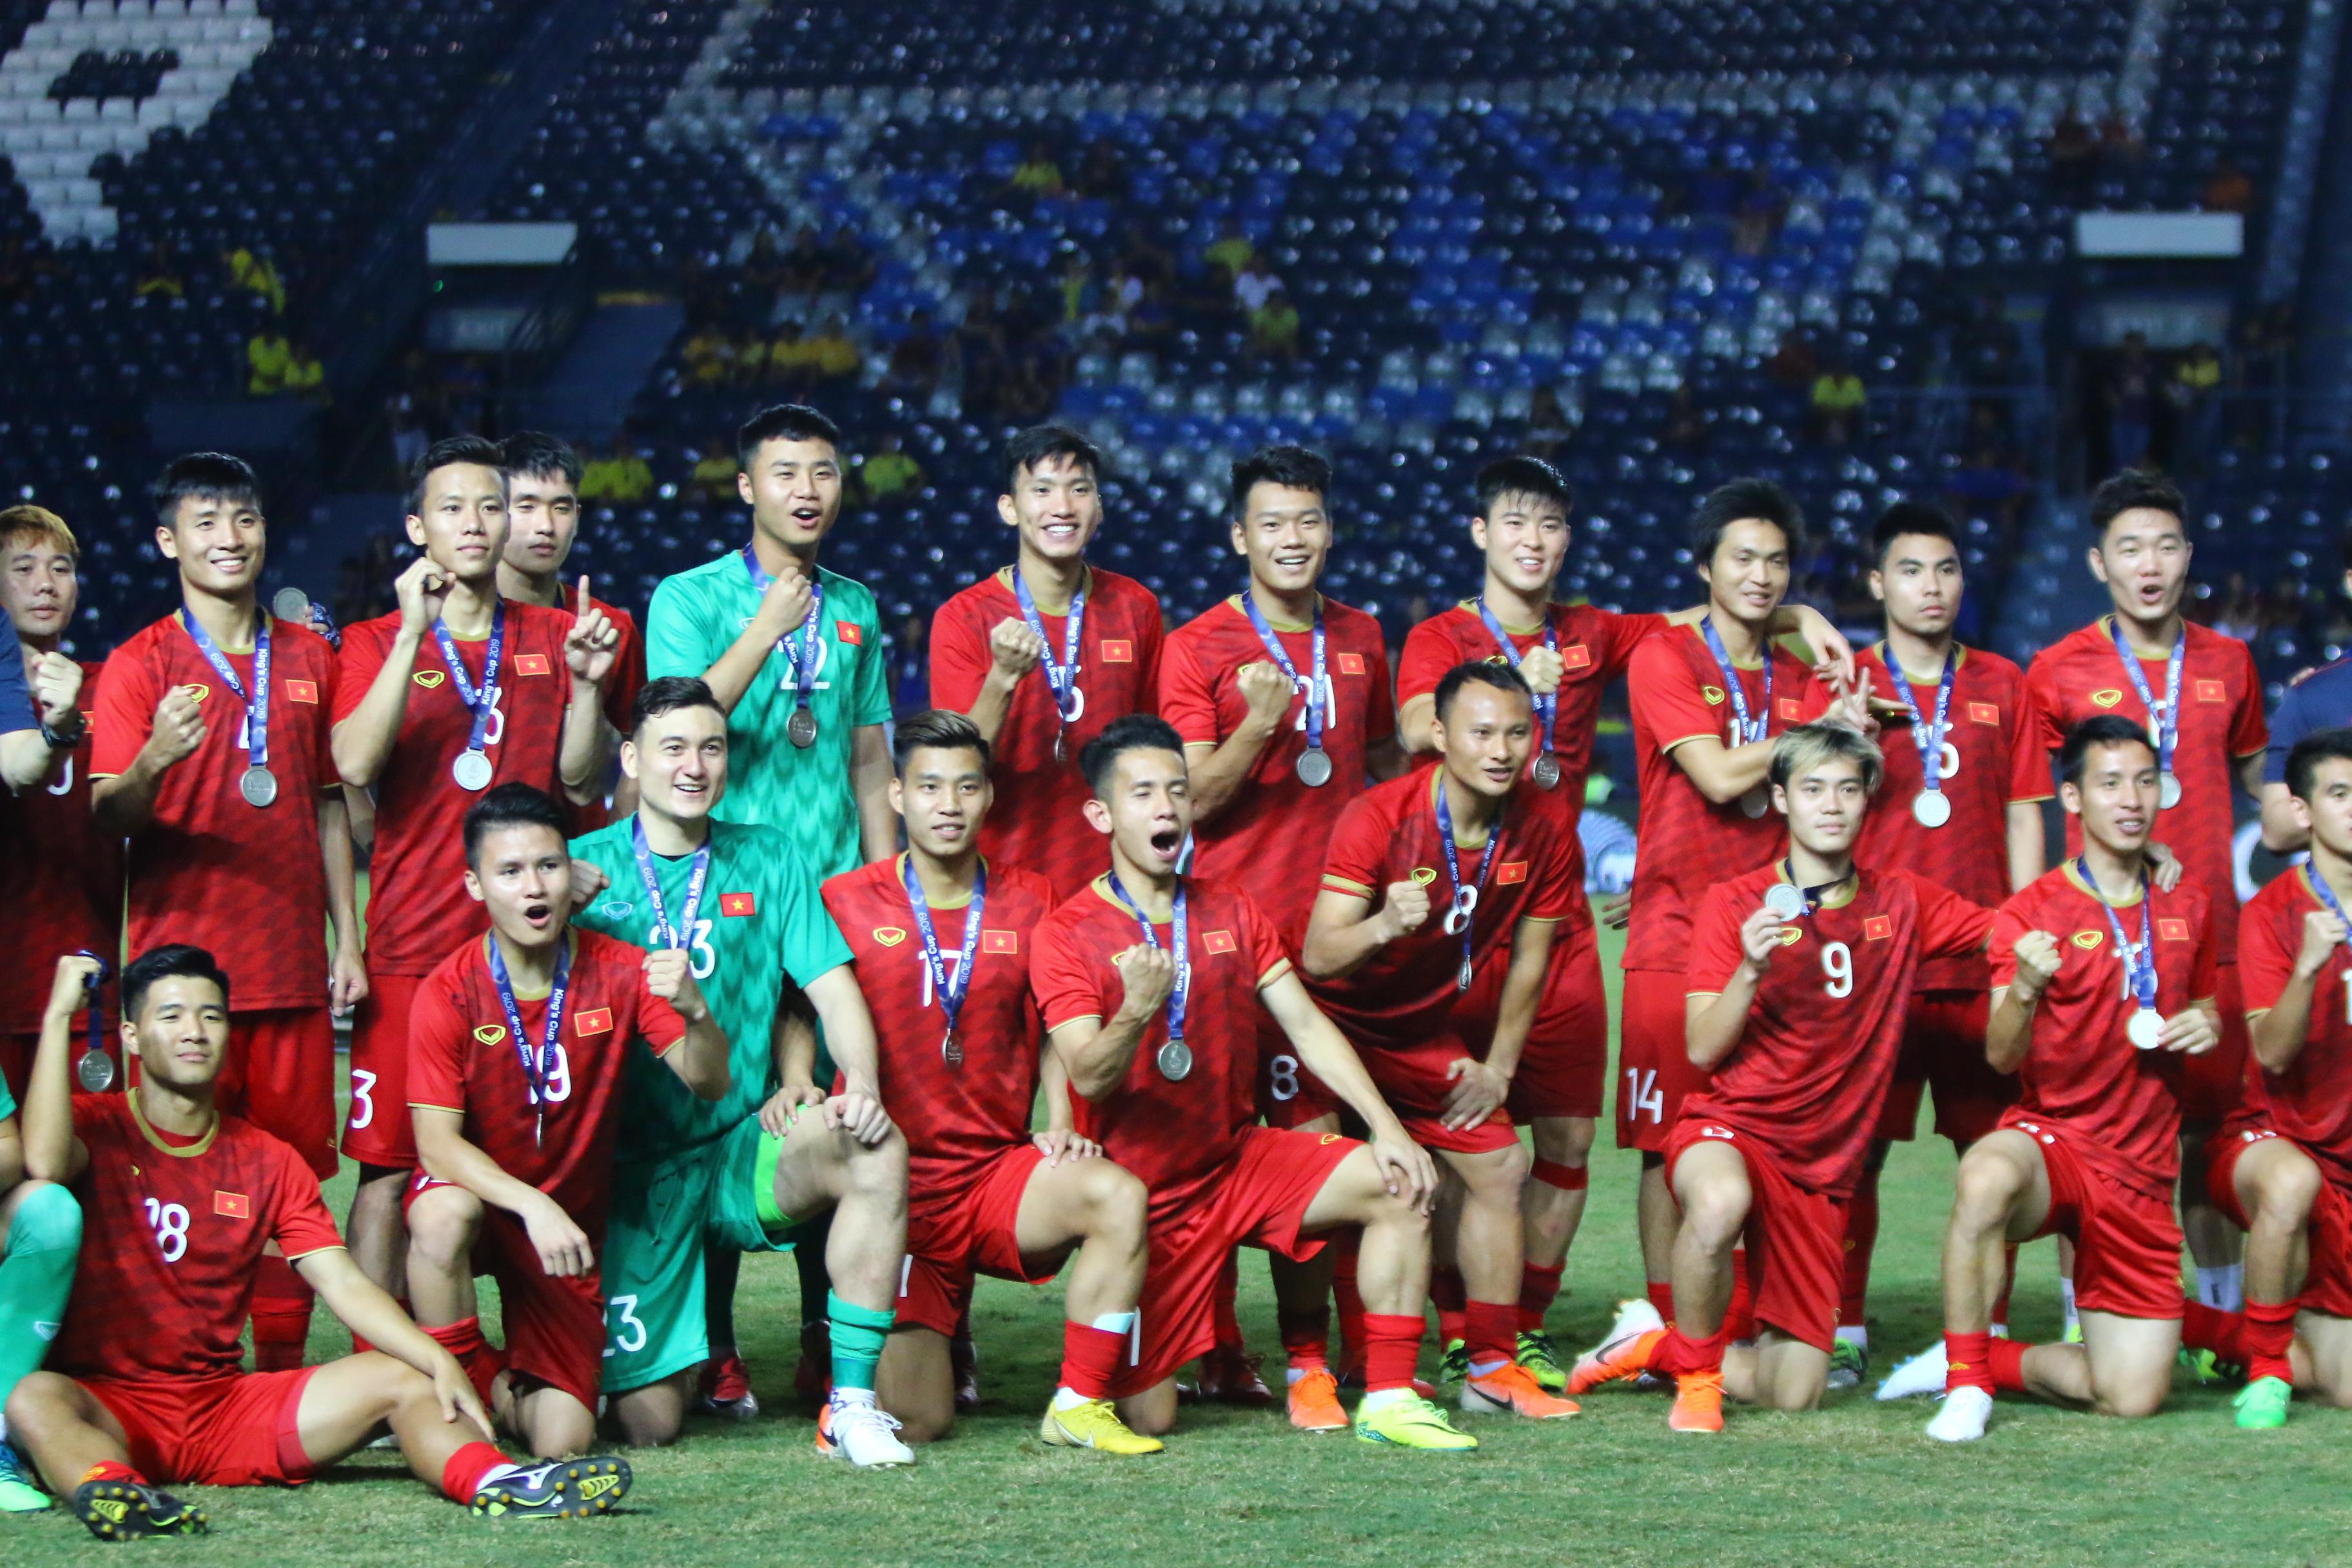 Điểm tin bóng đá Việt Nam sáng 22/08: ĐT Việt Nam sẽ làm nên lịch sử - Bóng Đá